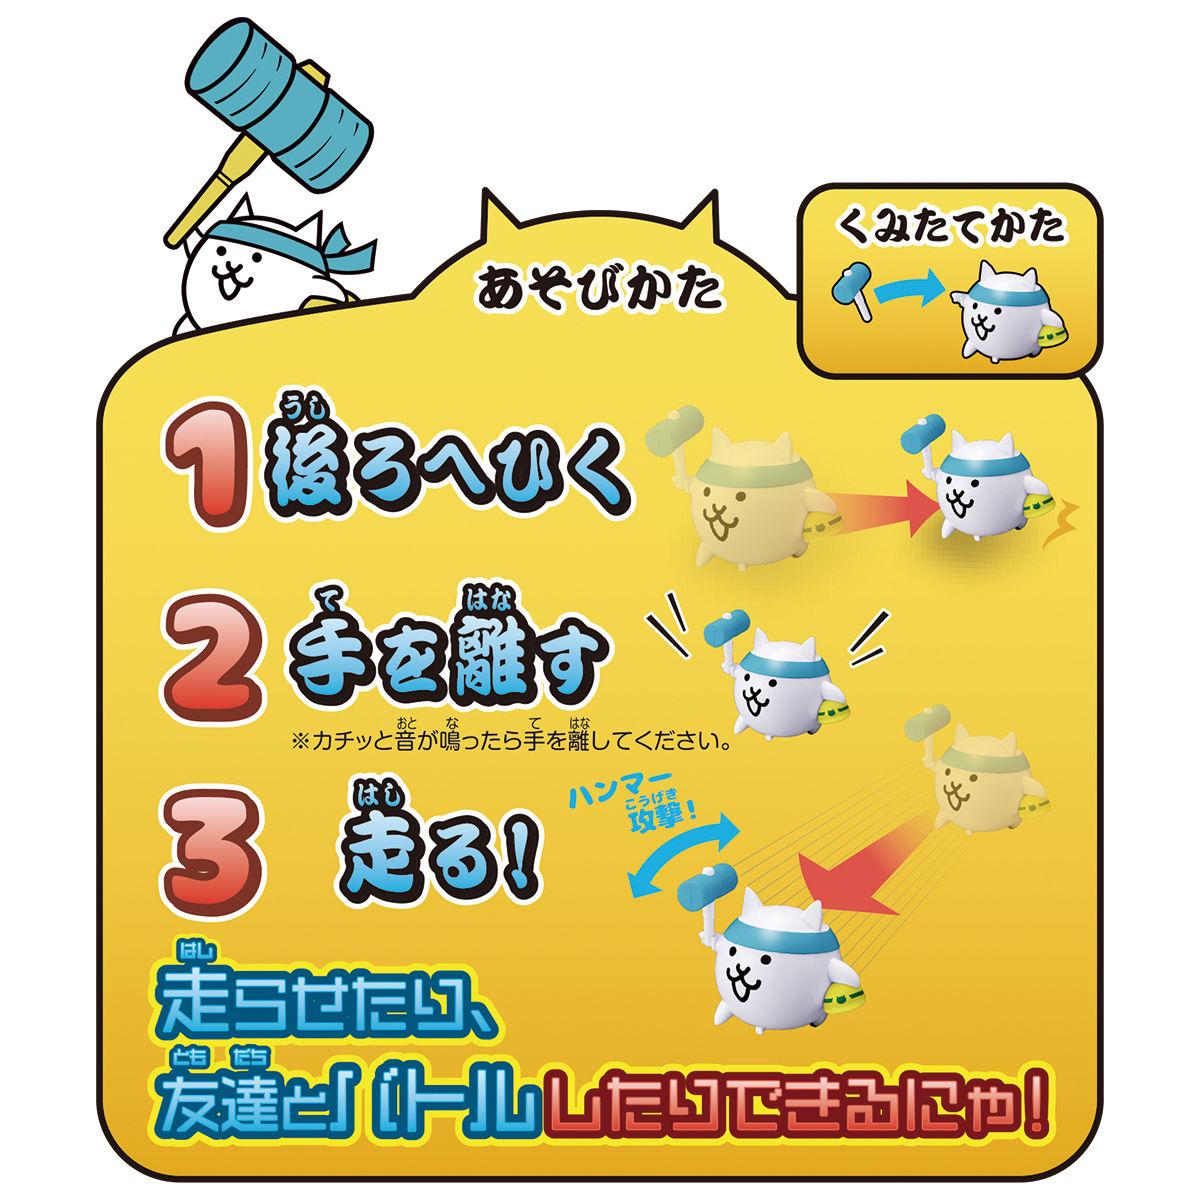 しゅつげき!!にゃんこ大戦争 ネコピコハン(青)